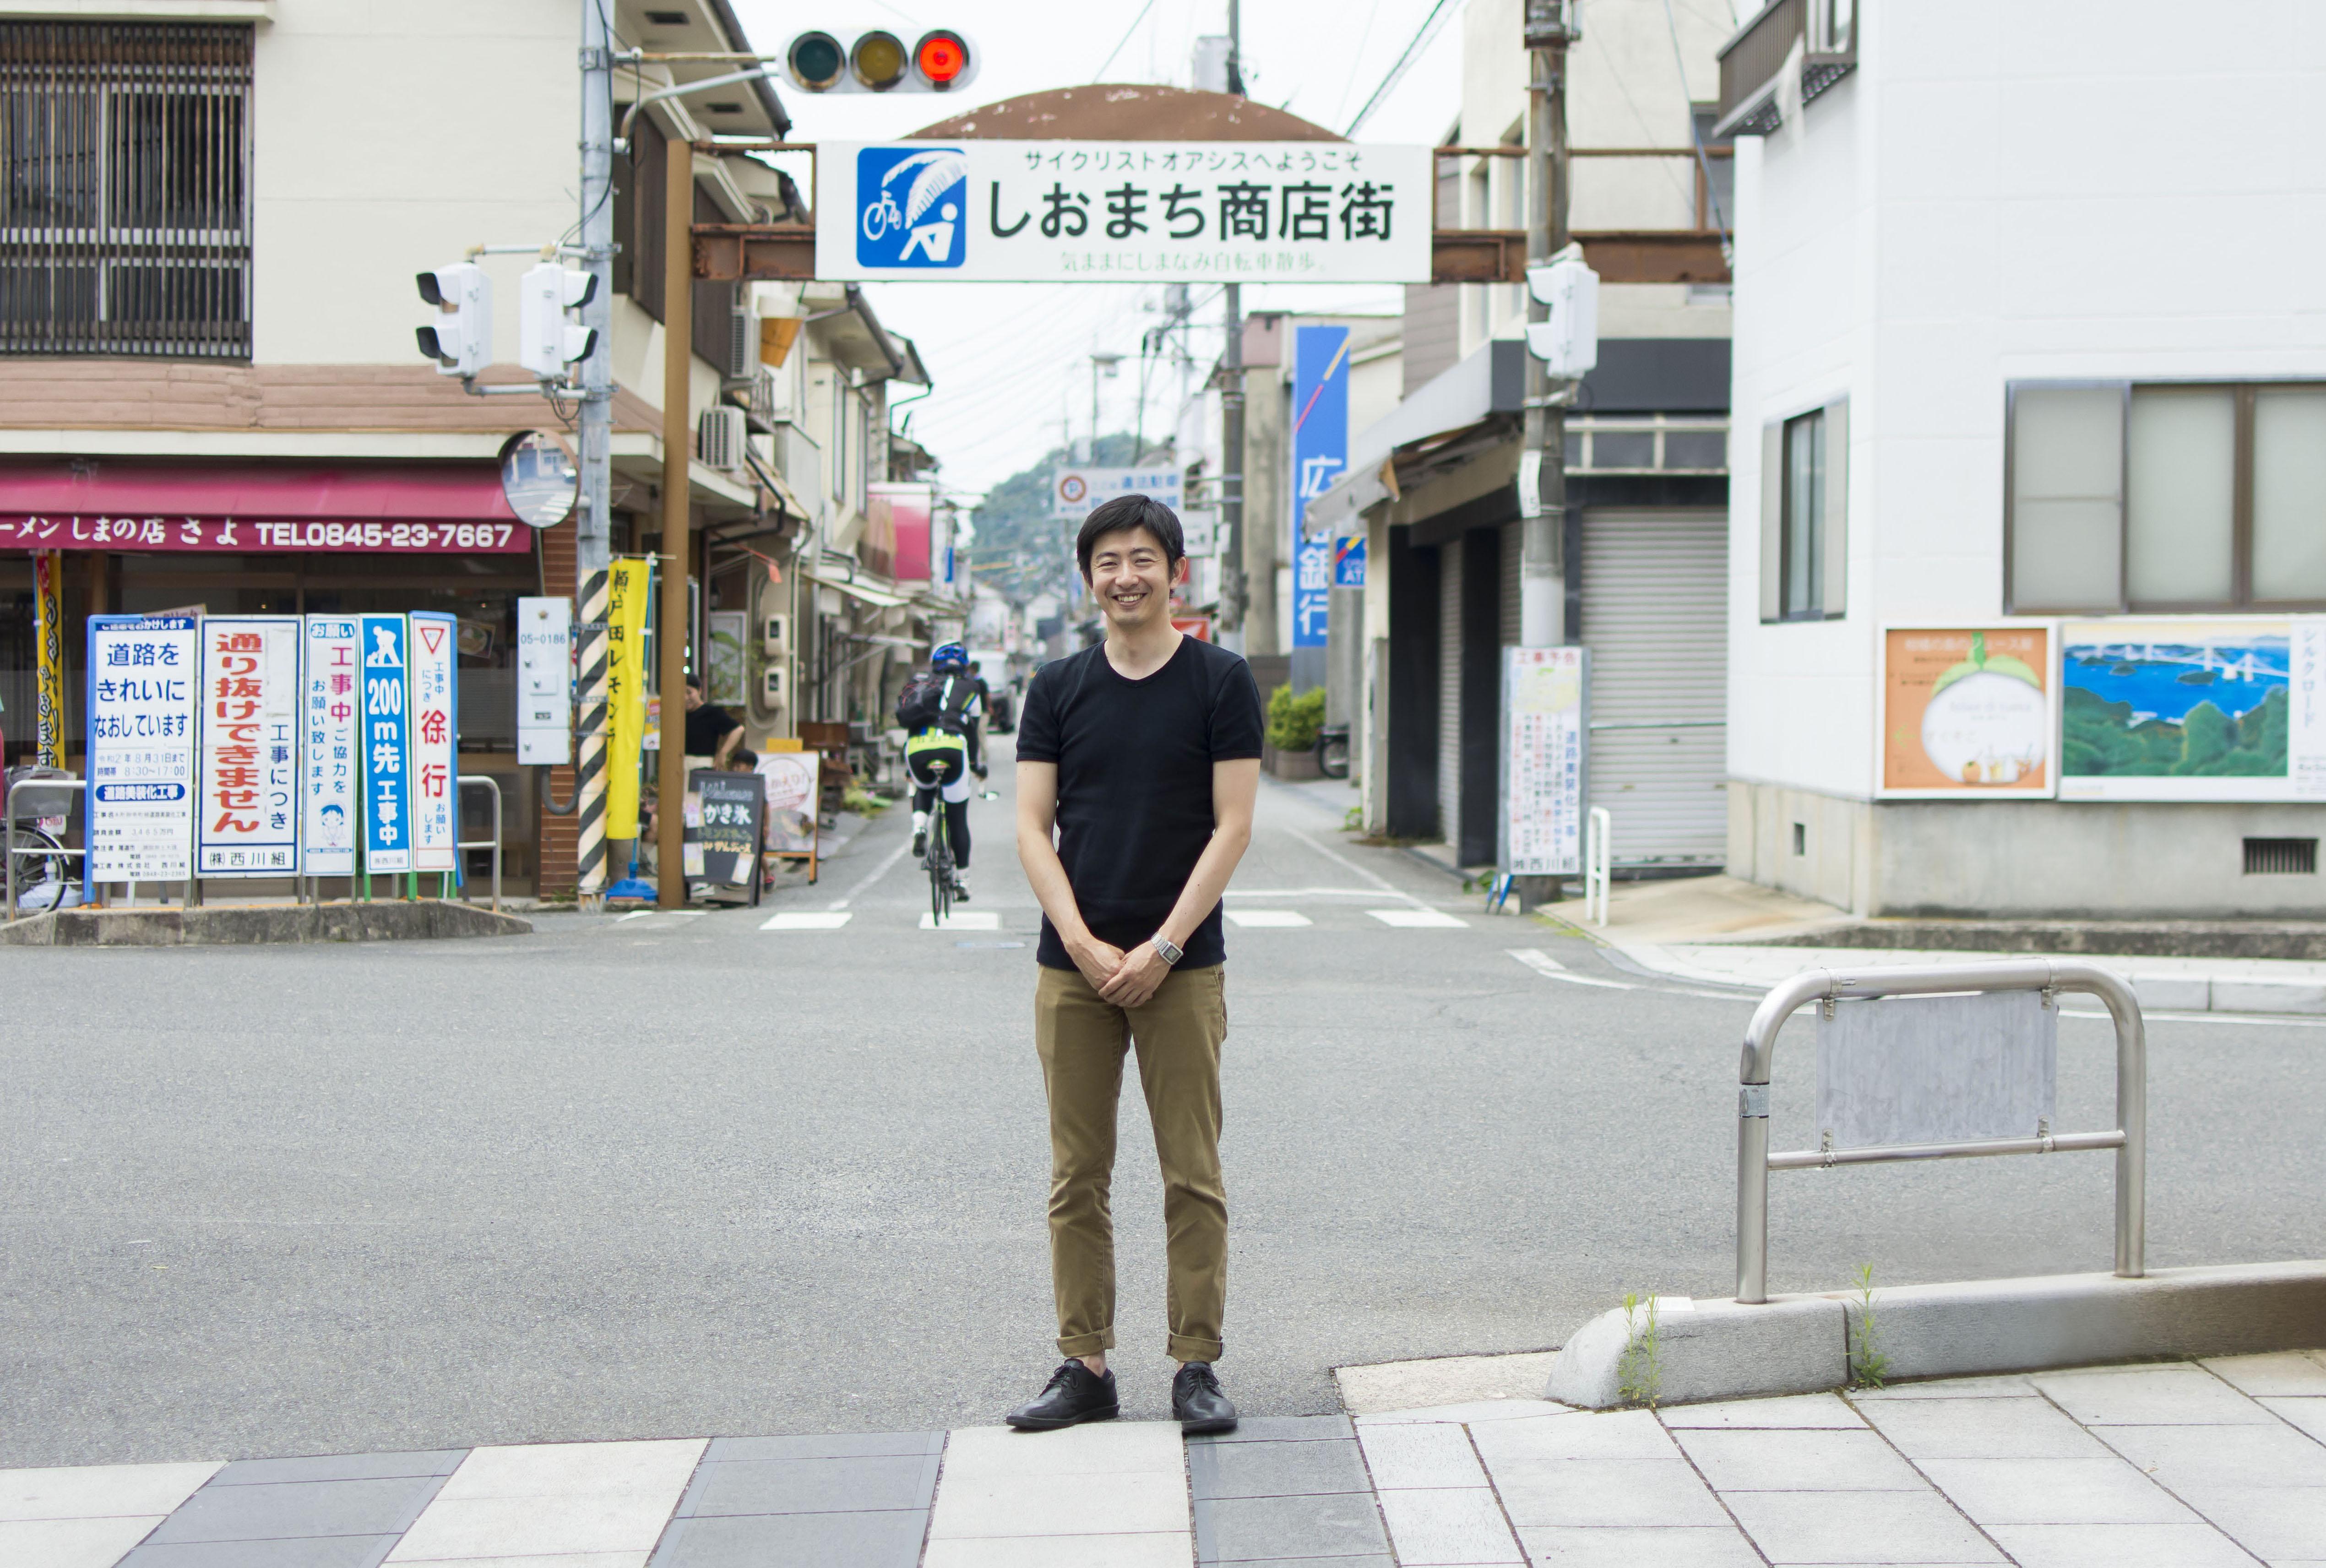 生口島・瀬戸田の未来を描く「しおまちとワークショップ」